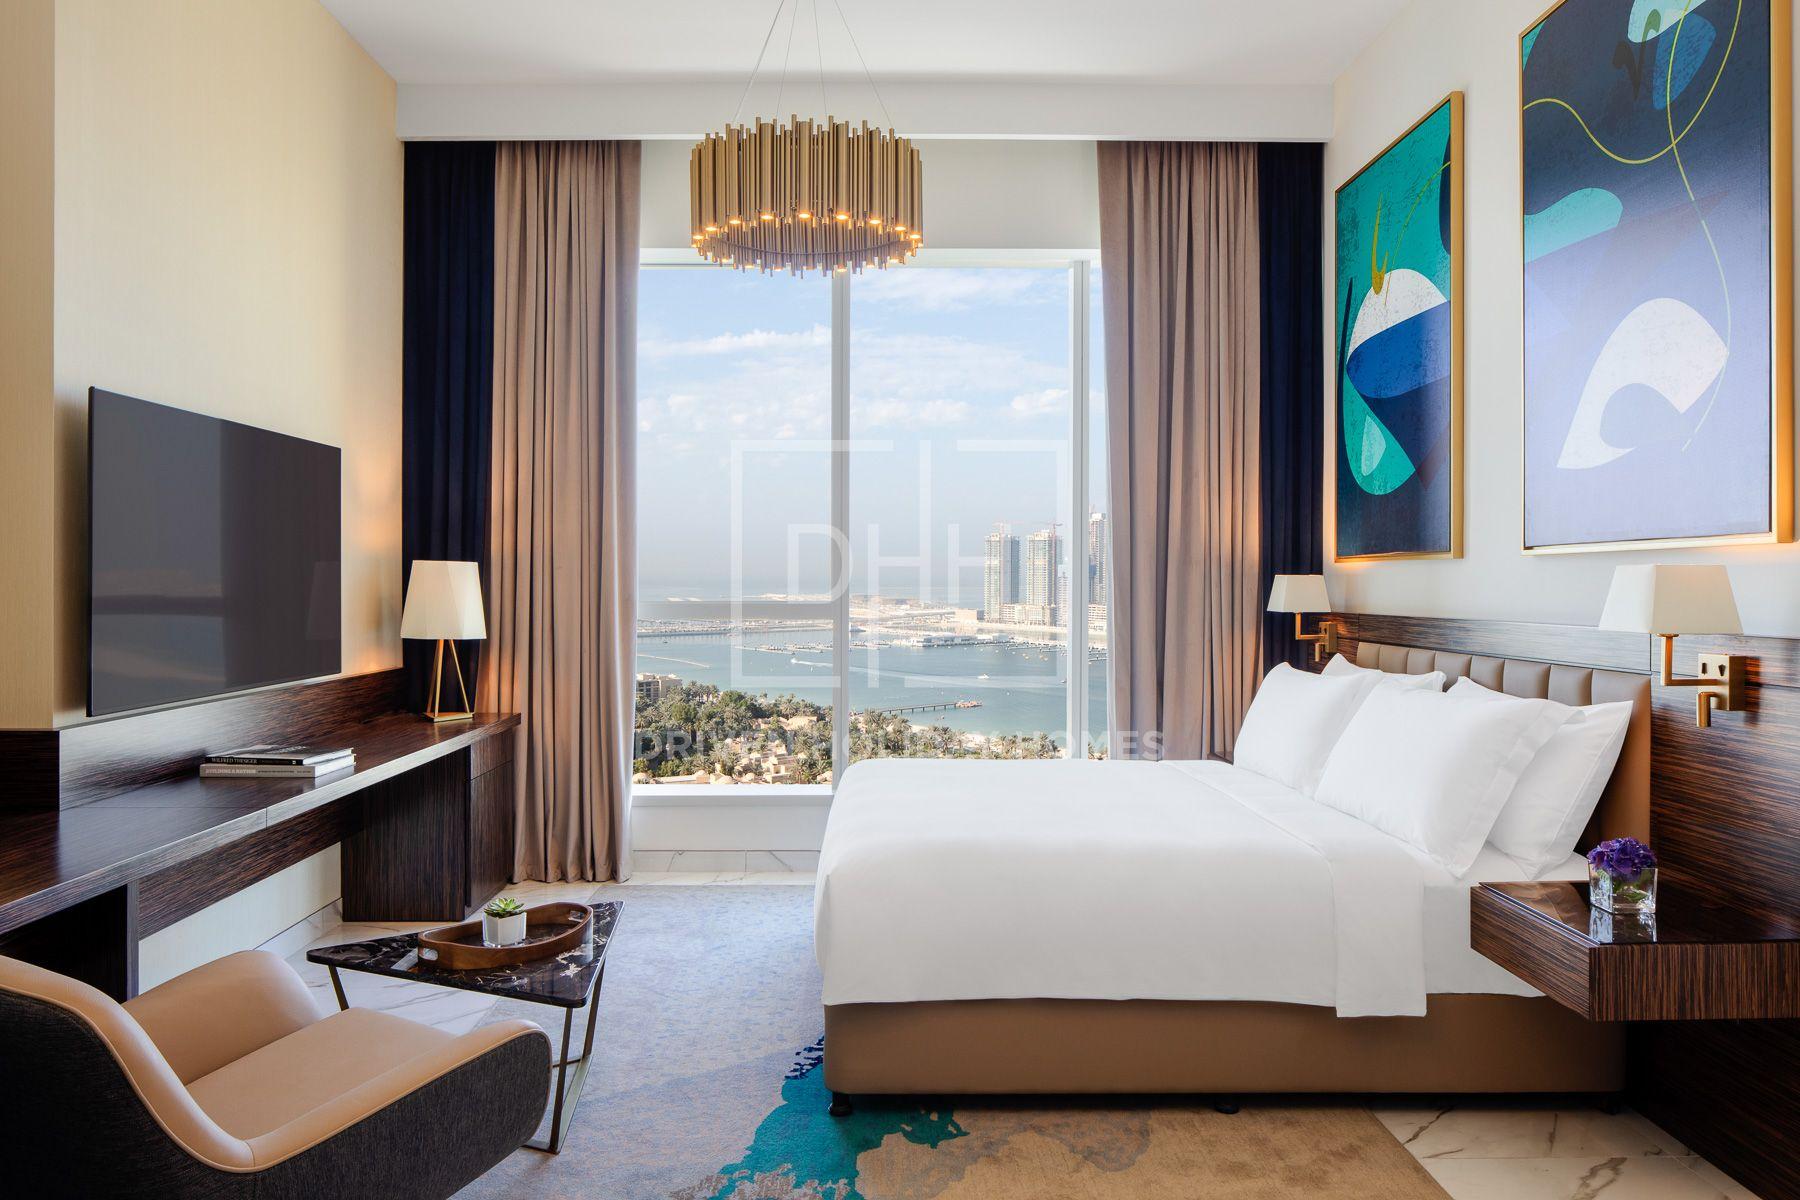 441 قدم مربع  ستوديو - للايجار - مدينة دبي الإعلامية